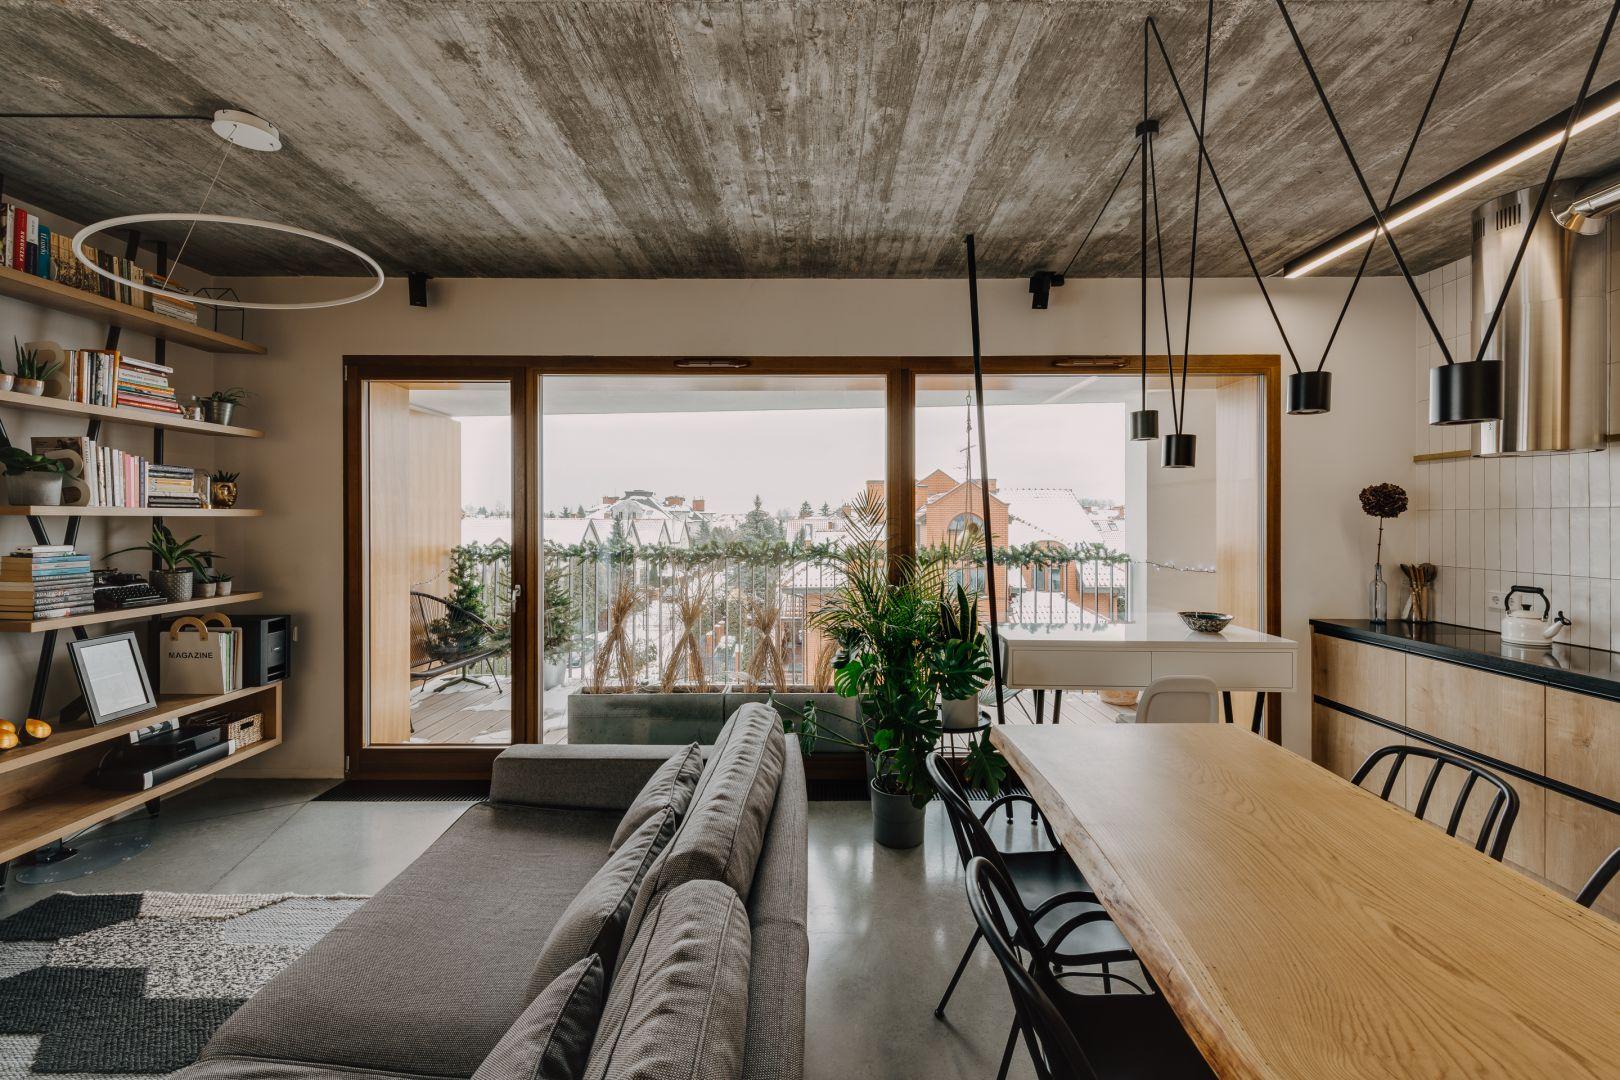 Drzwi od podłogi do sufitu, nieotynkowane ściany i sufity, nadały projektowi surowego klimatu. Projekt: Mili Młodzi Ludzie. Fot. Oni Studio